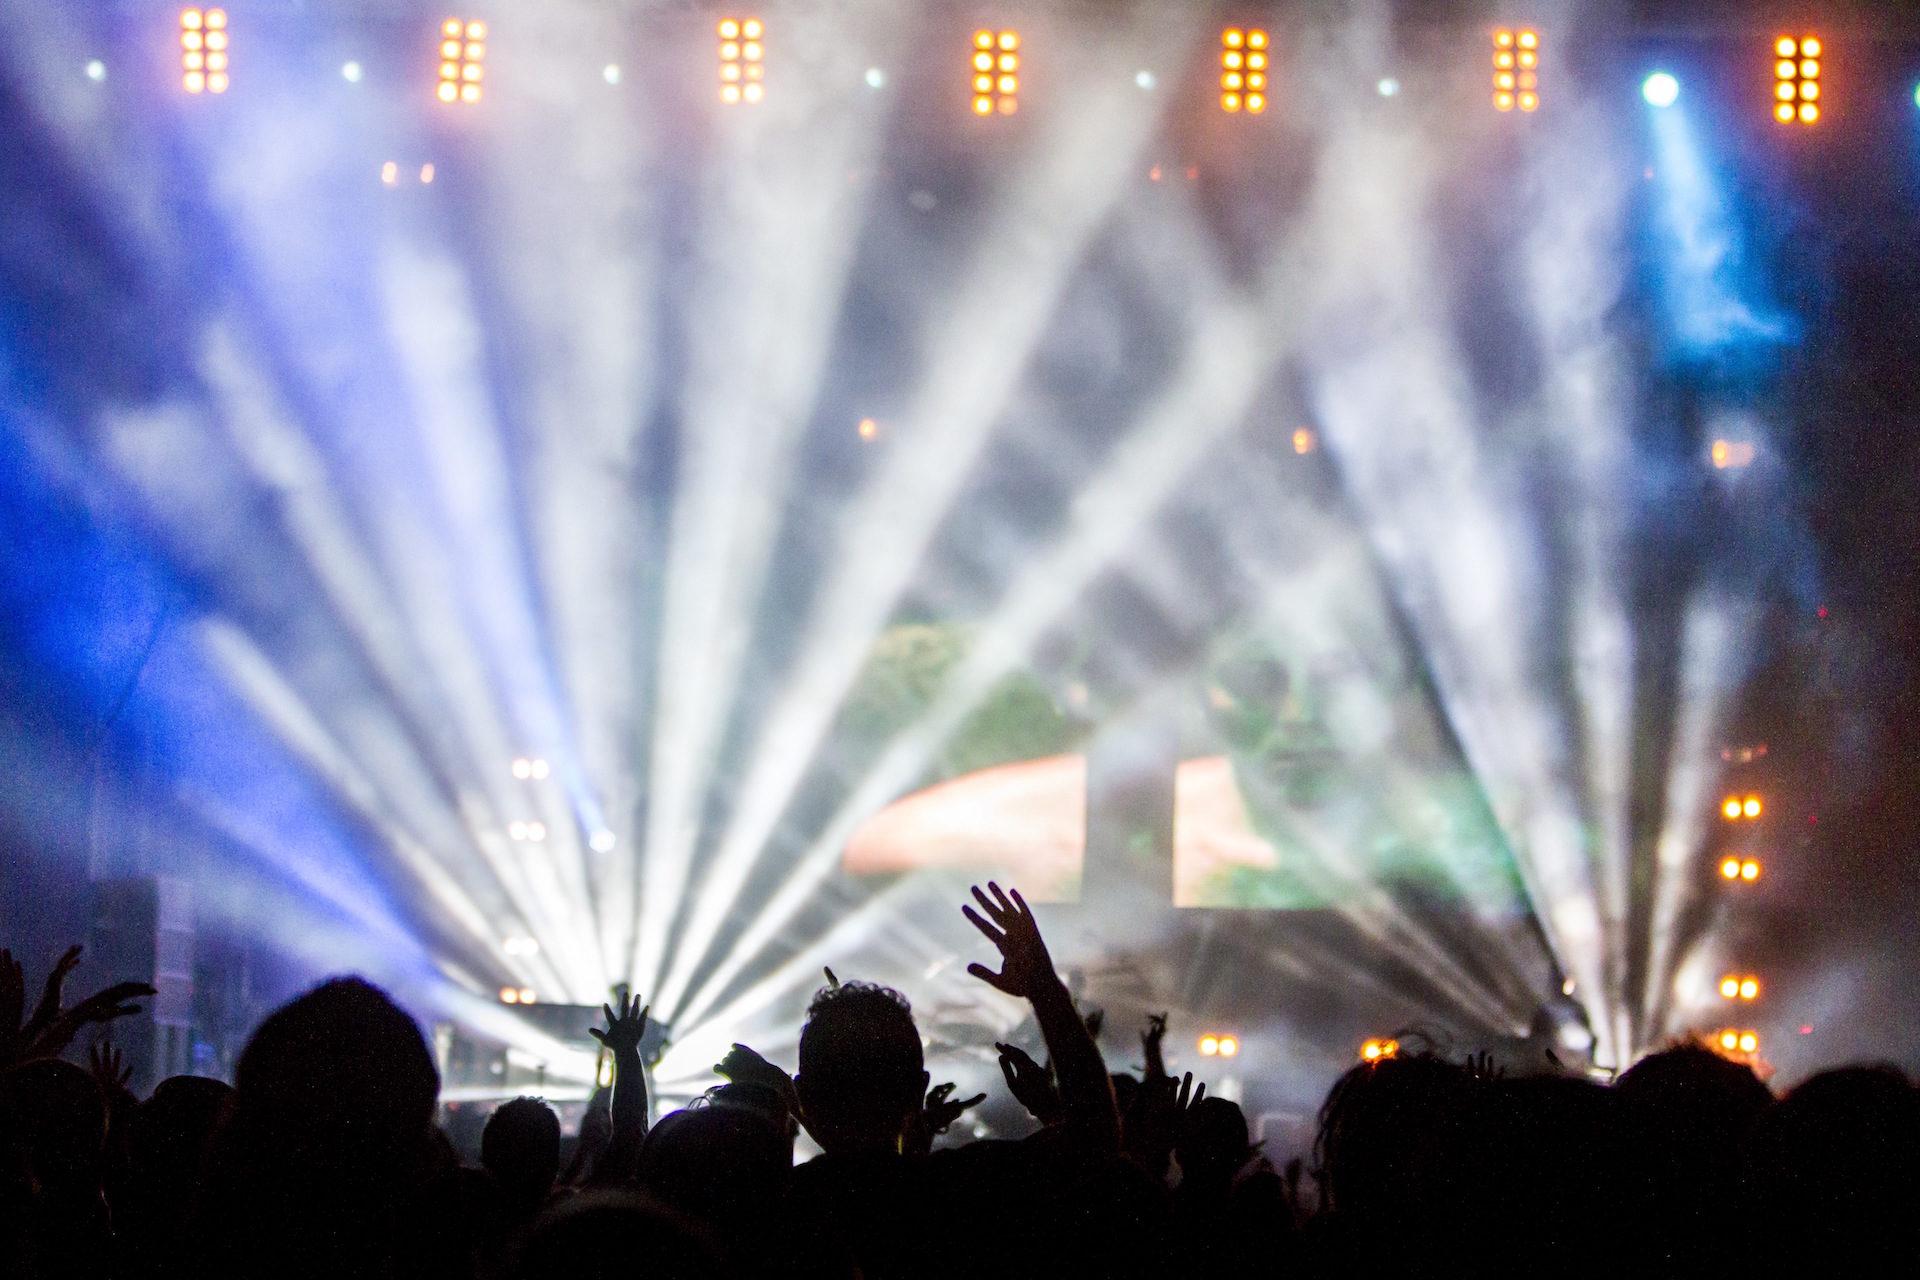 音乐会, 灯, fans, 人, 乐趣 - 高清壁纸 - 教授-falken.com